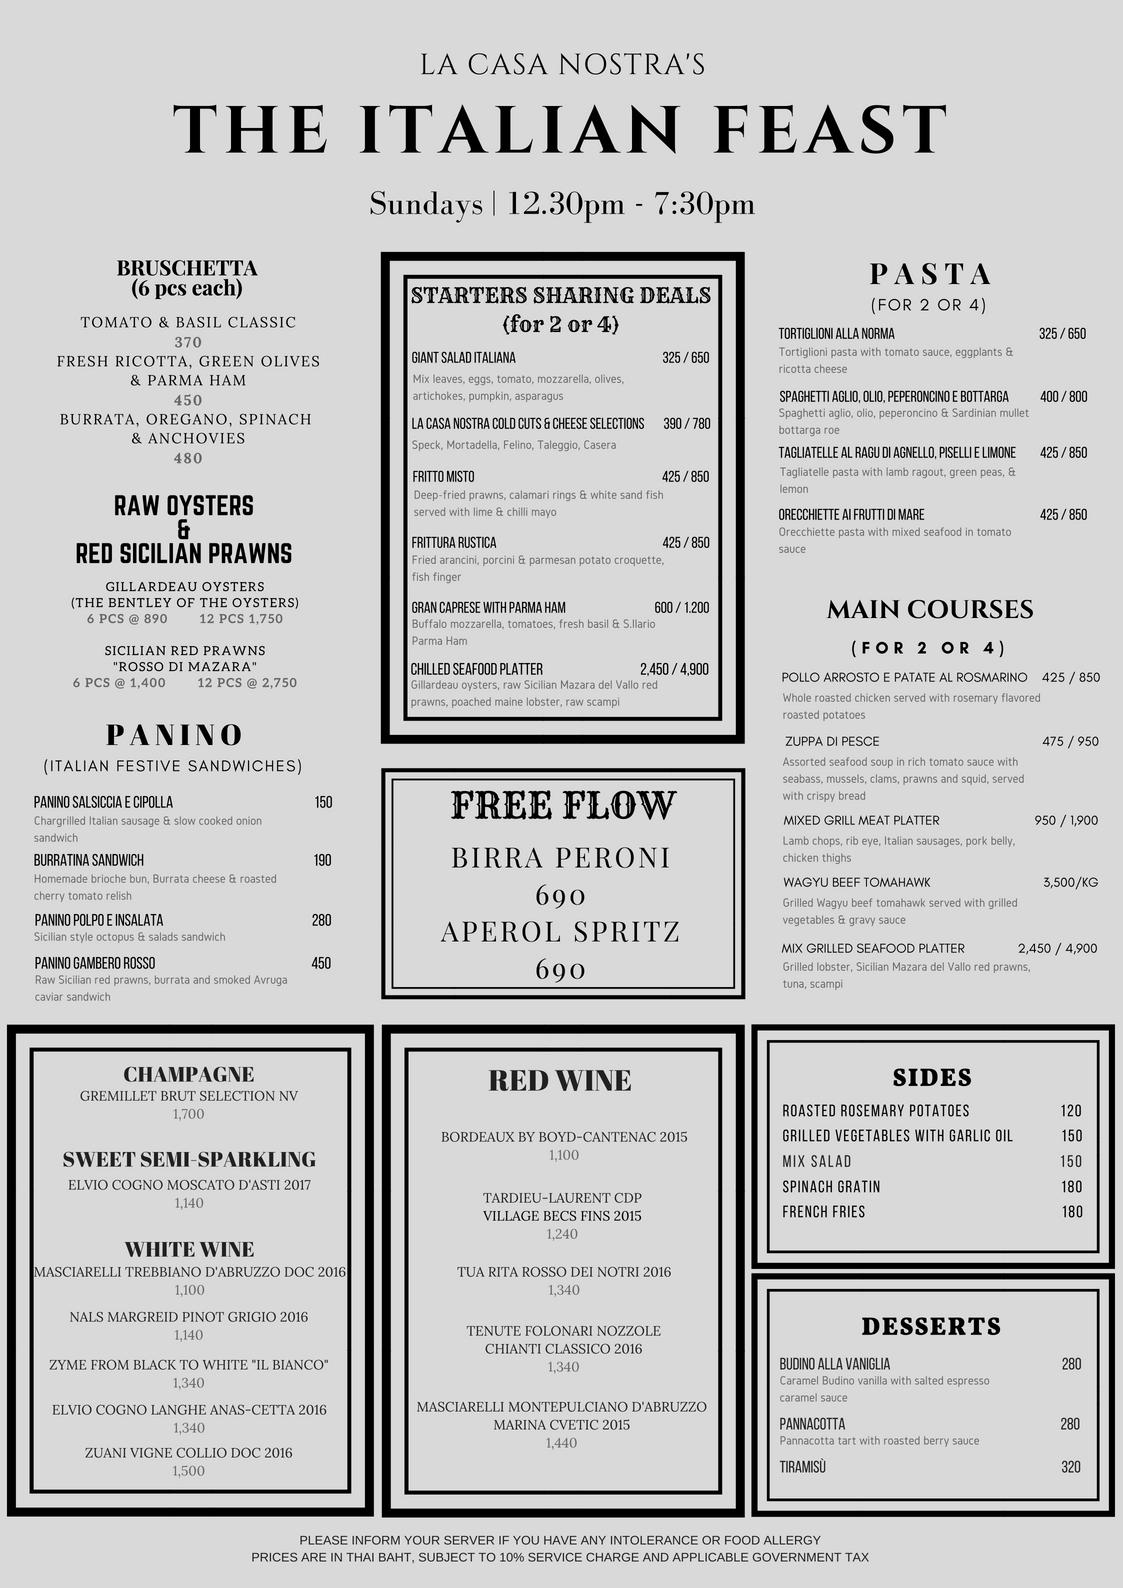 Italian Feast menu-June 24th.png